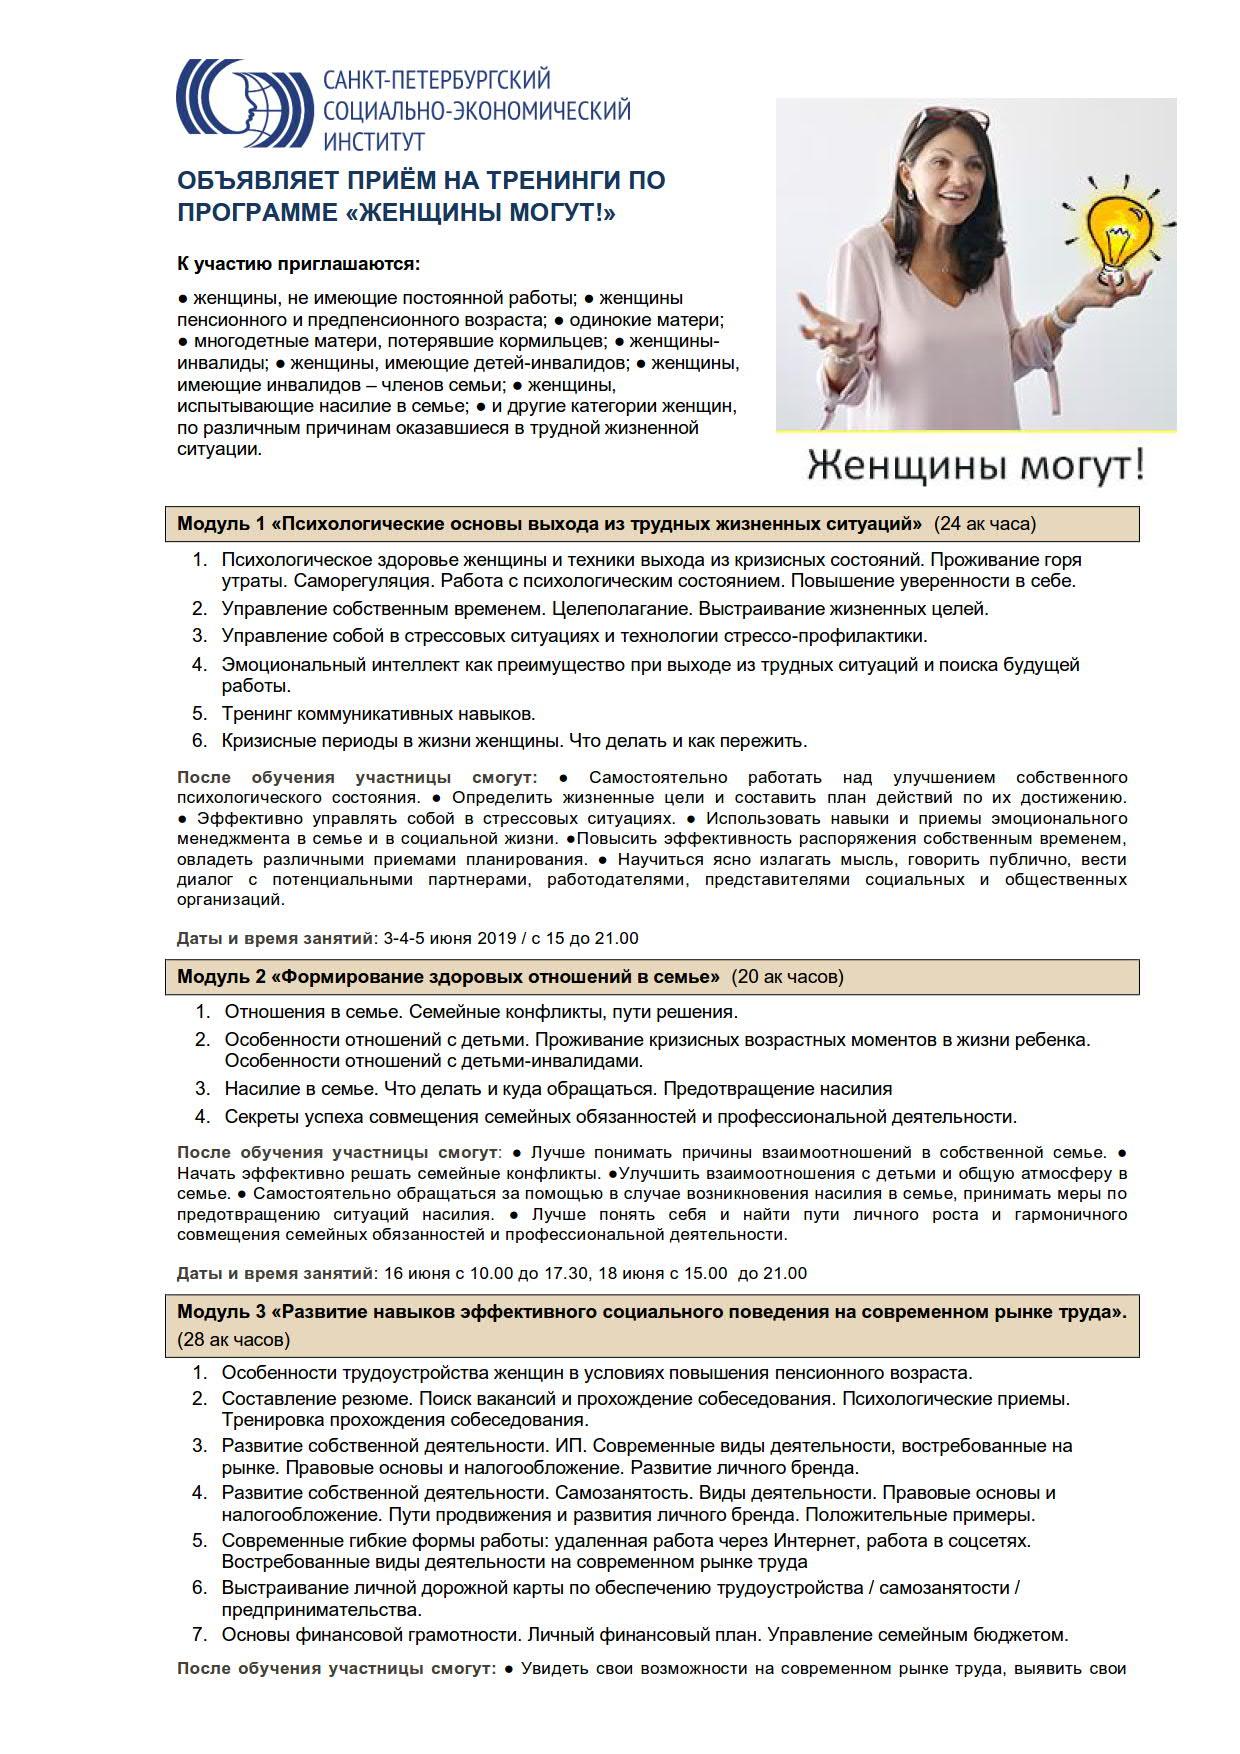 Листовка_женщины могут!_1